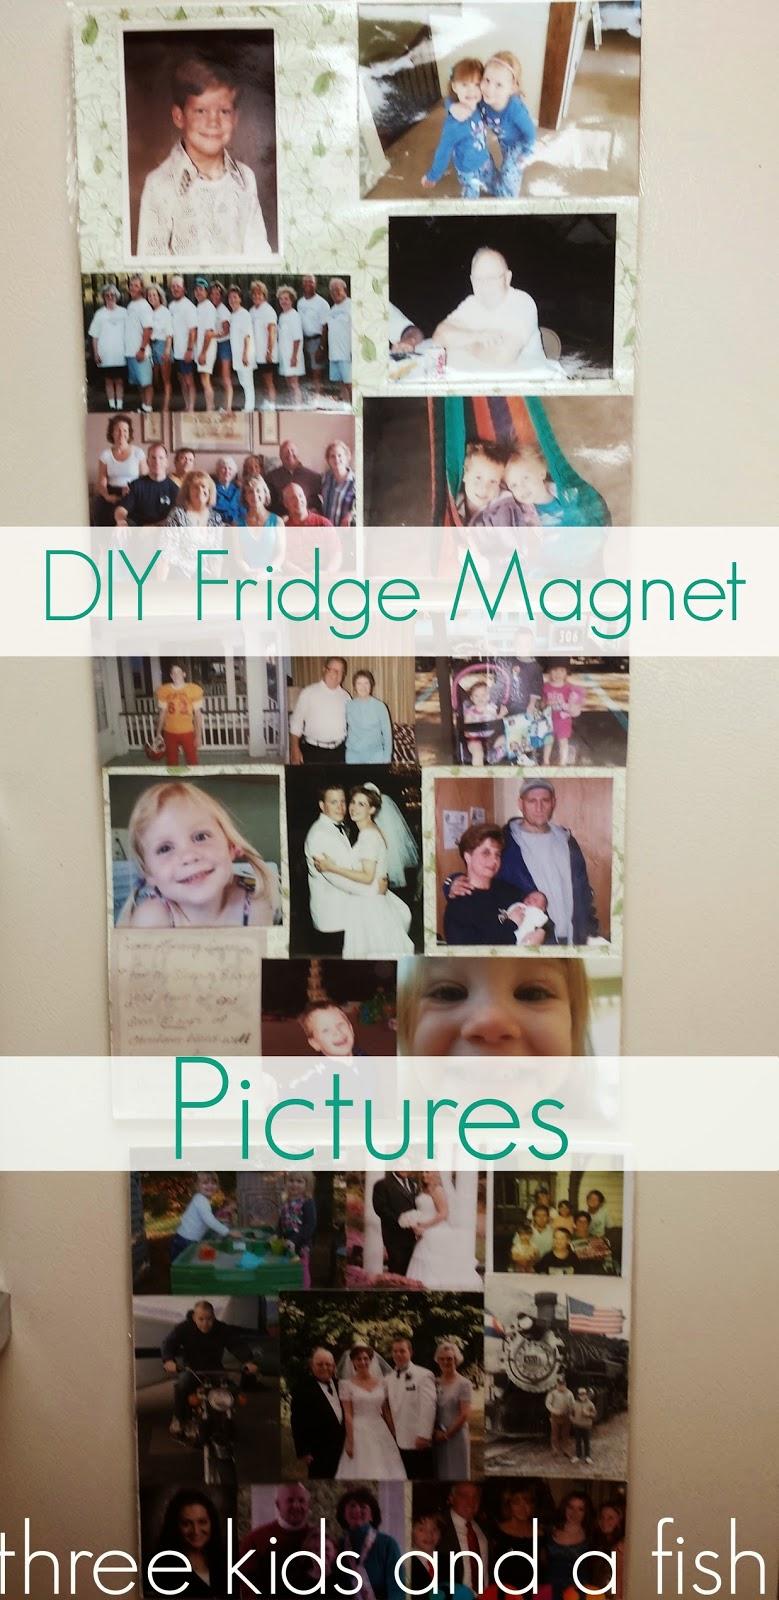 DIY fridge magnet pictures